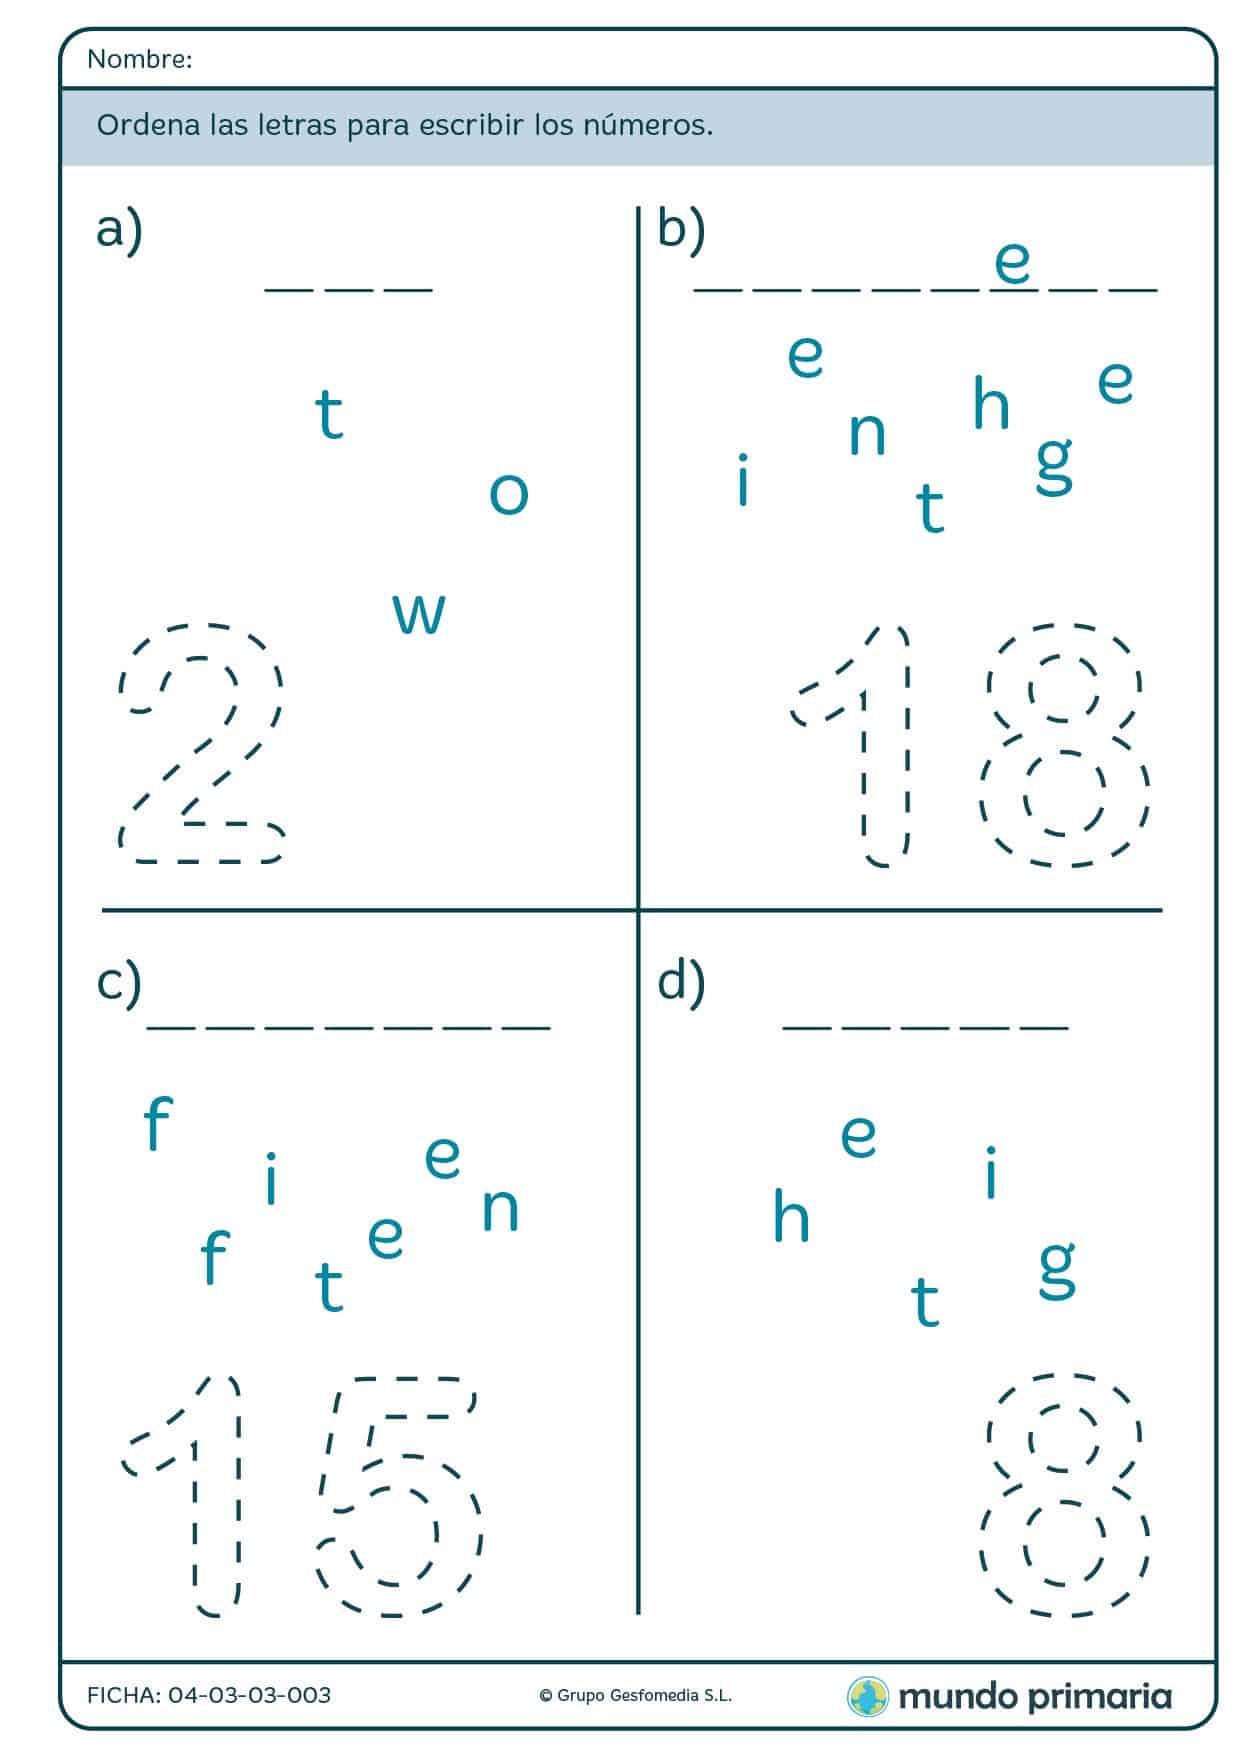 Ficha de ordenar letras para escribir números para primaria